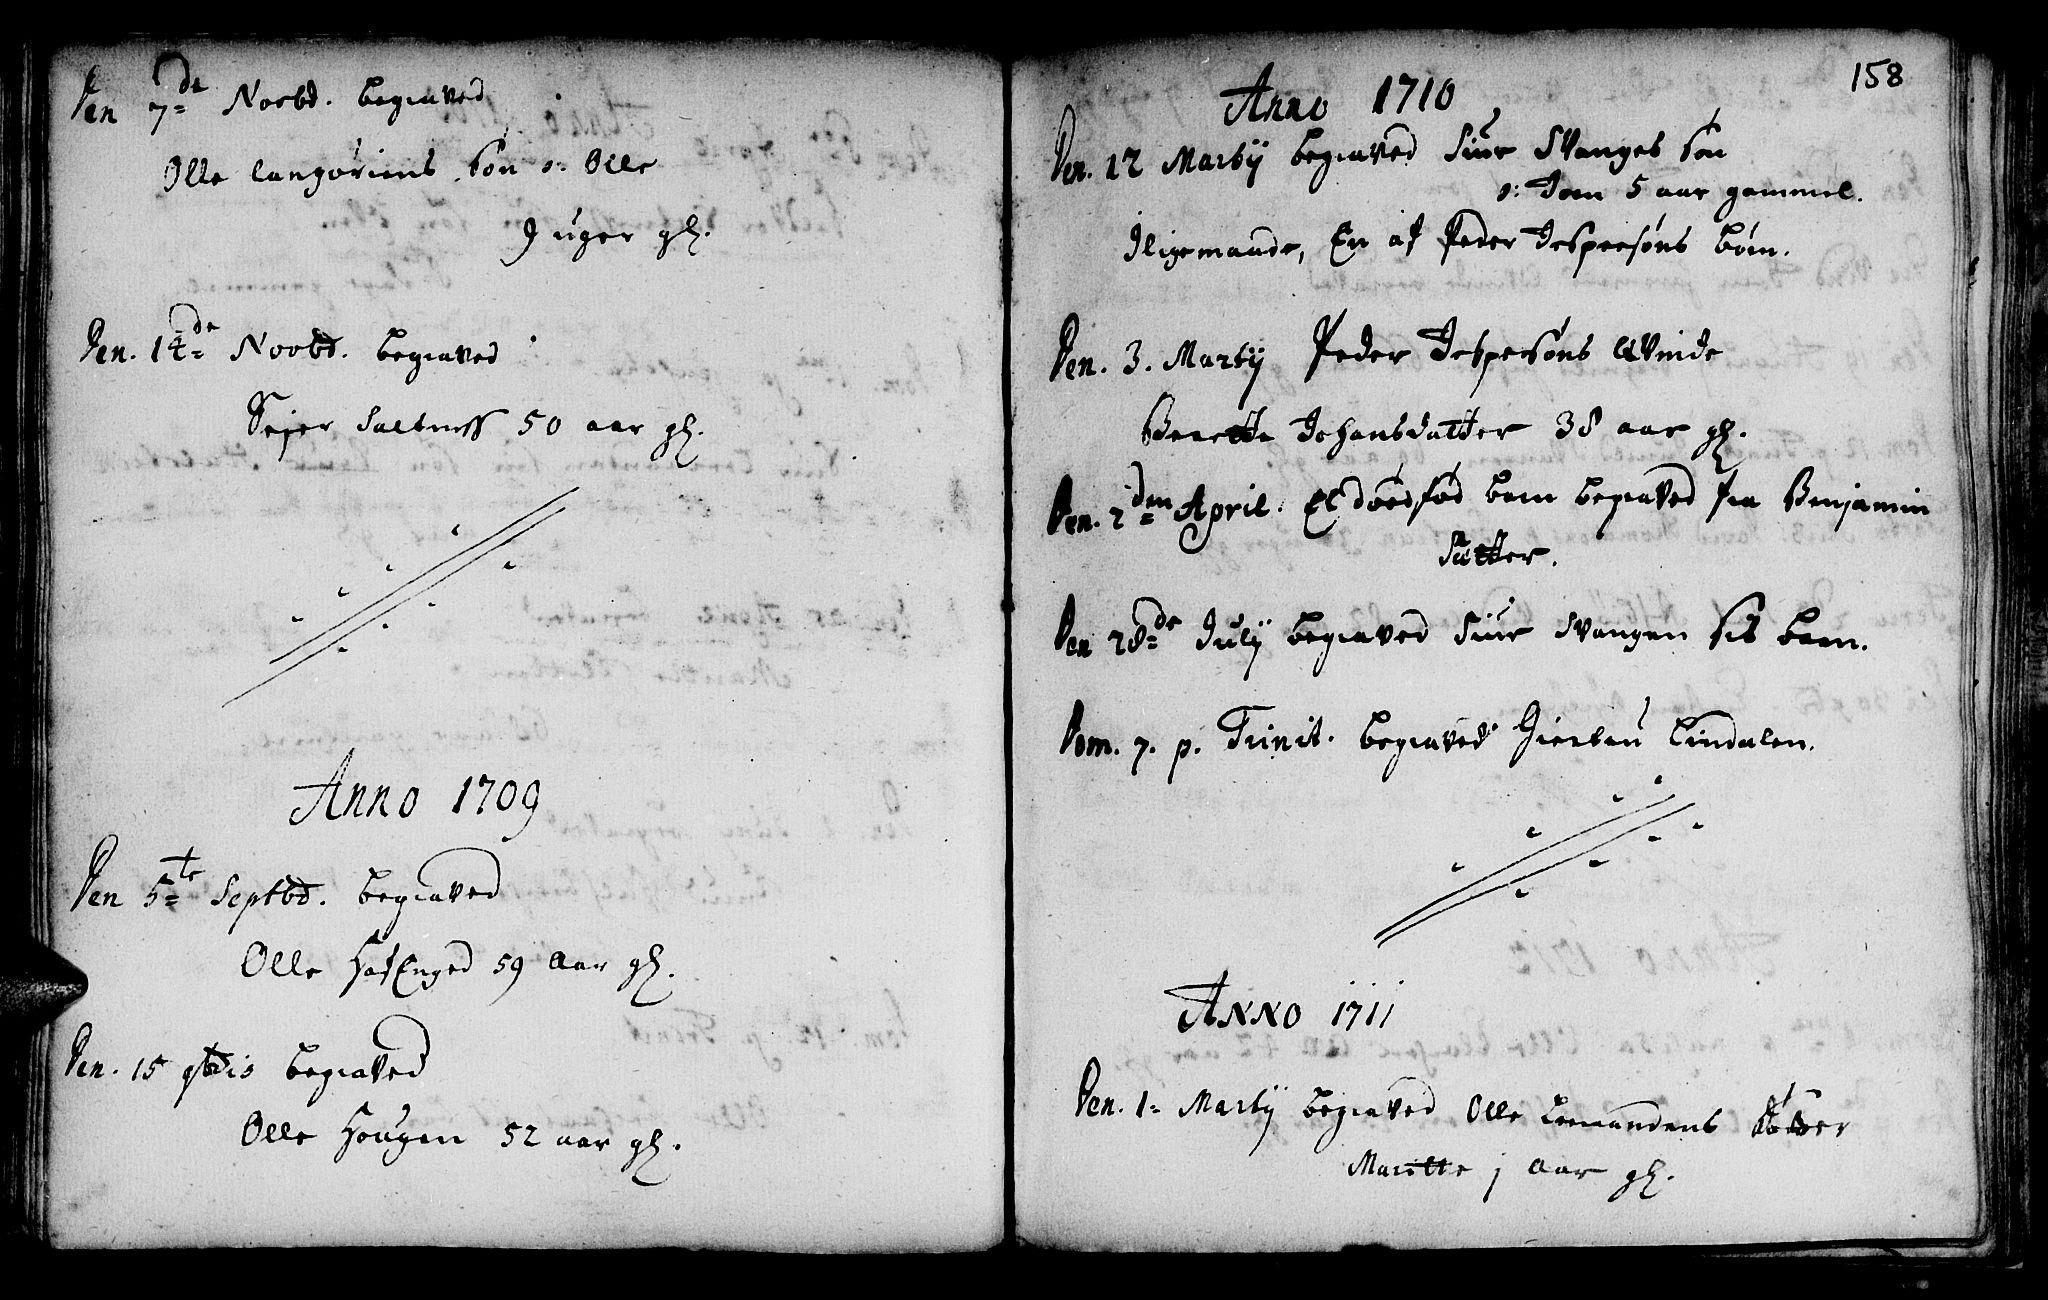 SAT, Ministerialprotokoller, klokkerbøker og fødselsregistre - Sør-Trøndelag, 666/L0783: Ministerialbok nr. 666A01, 1702-1753, s. 158